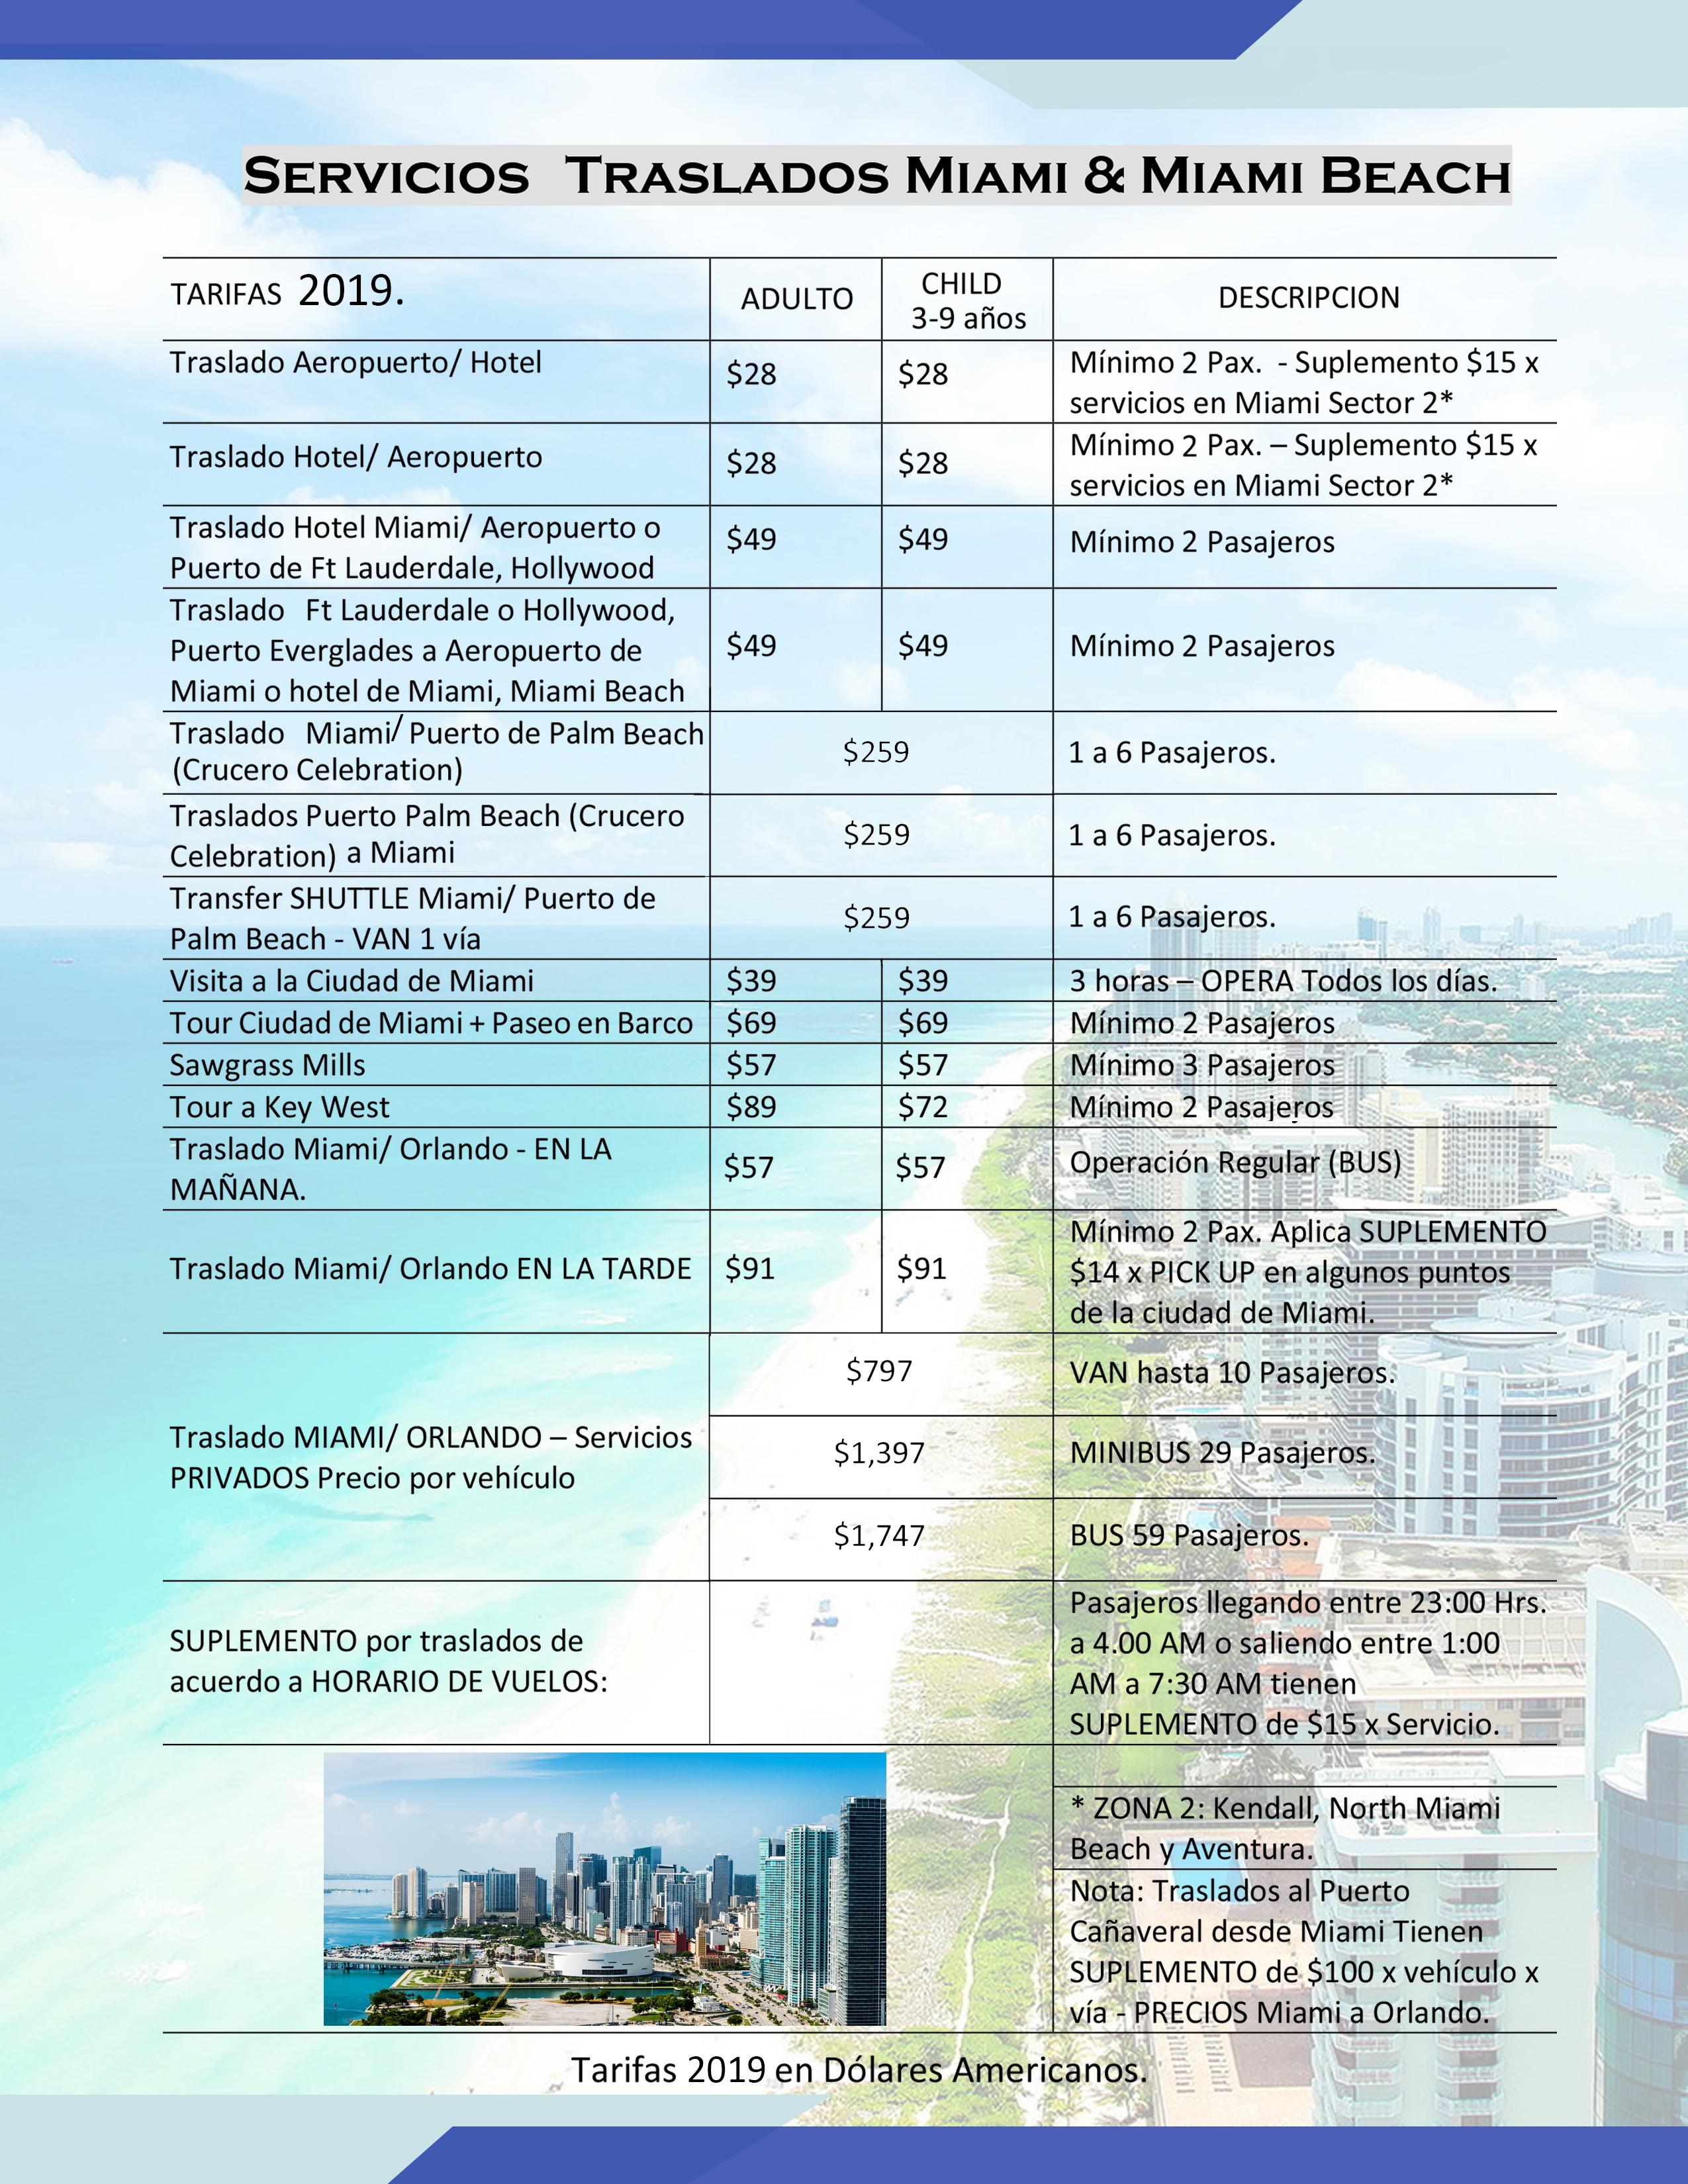 servicios + traslados Miami & Miami Beach